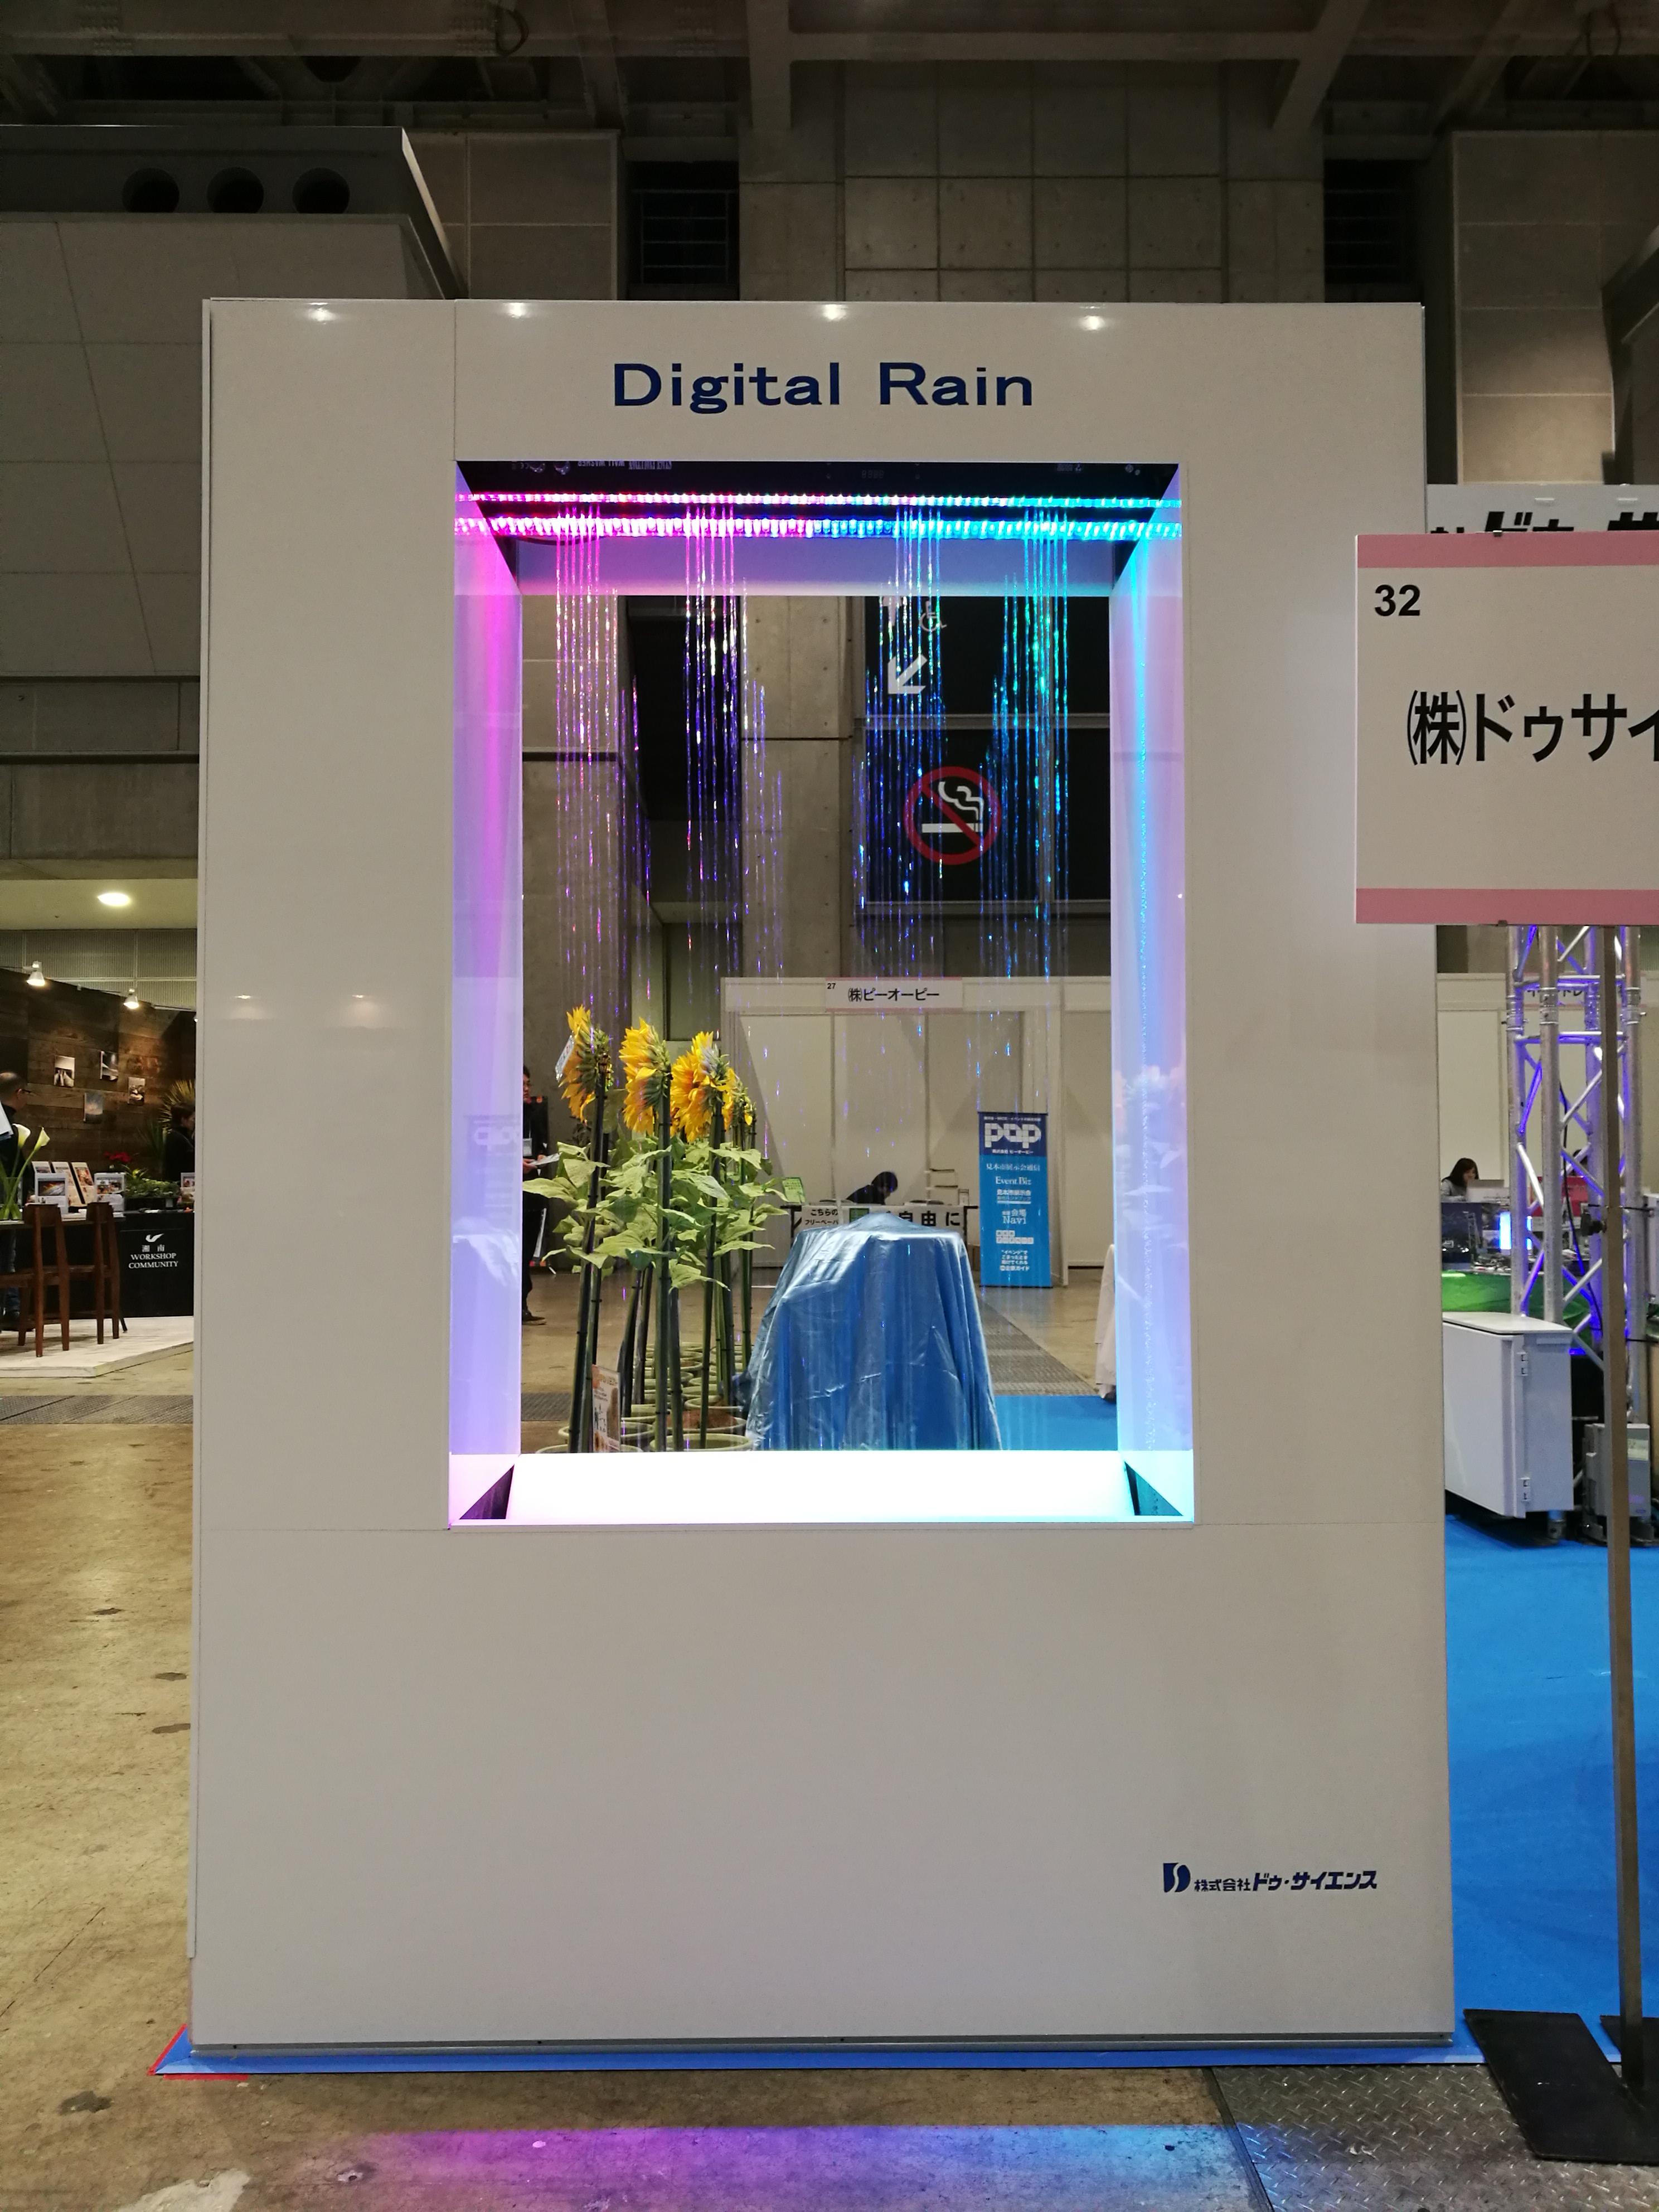 【レンタル噴水】デジタルレイン 文字が出る噴水